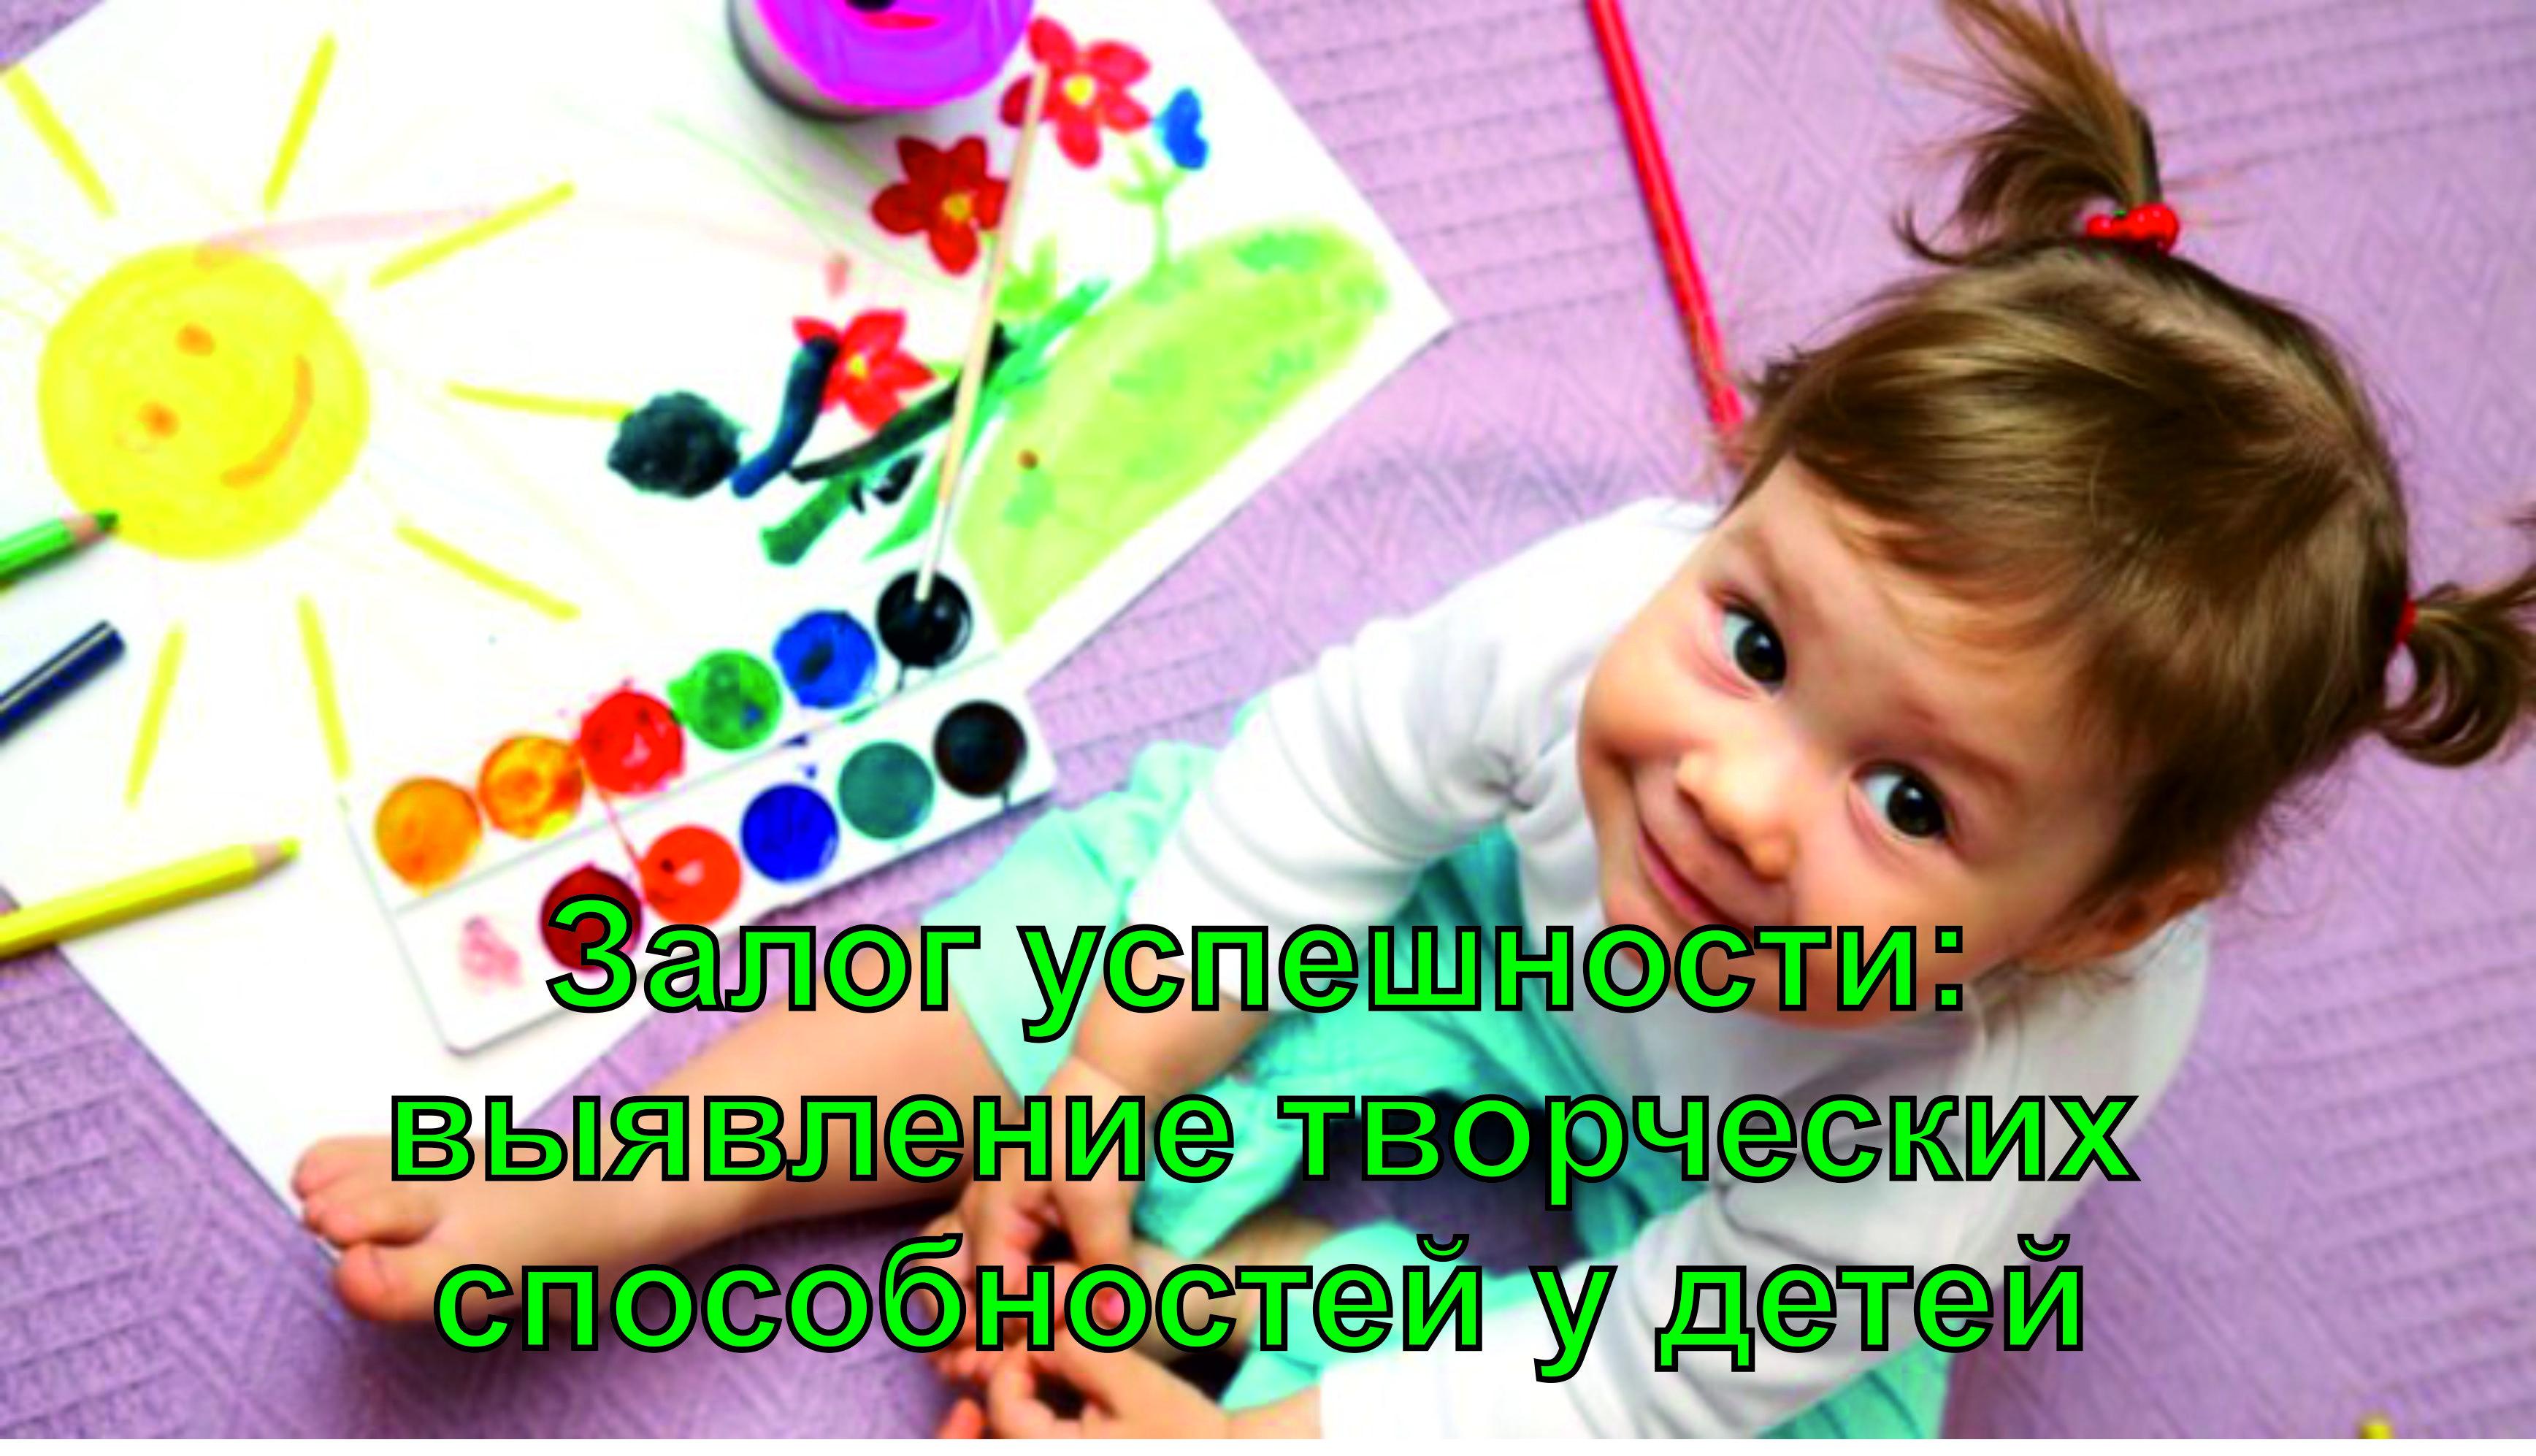 выявление творческих способностей у детей